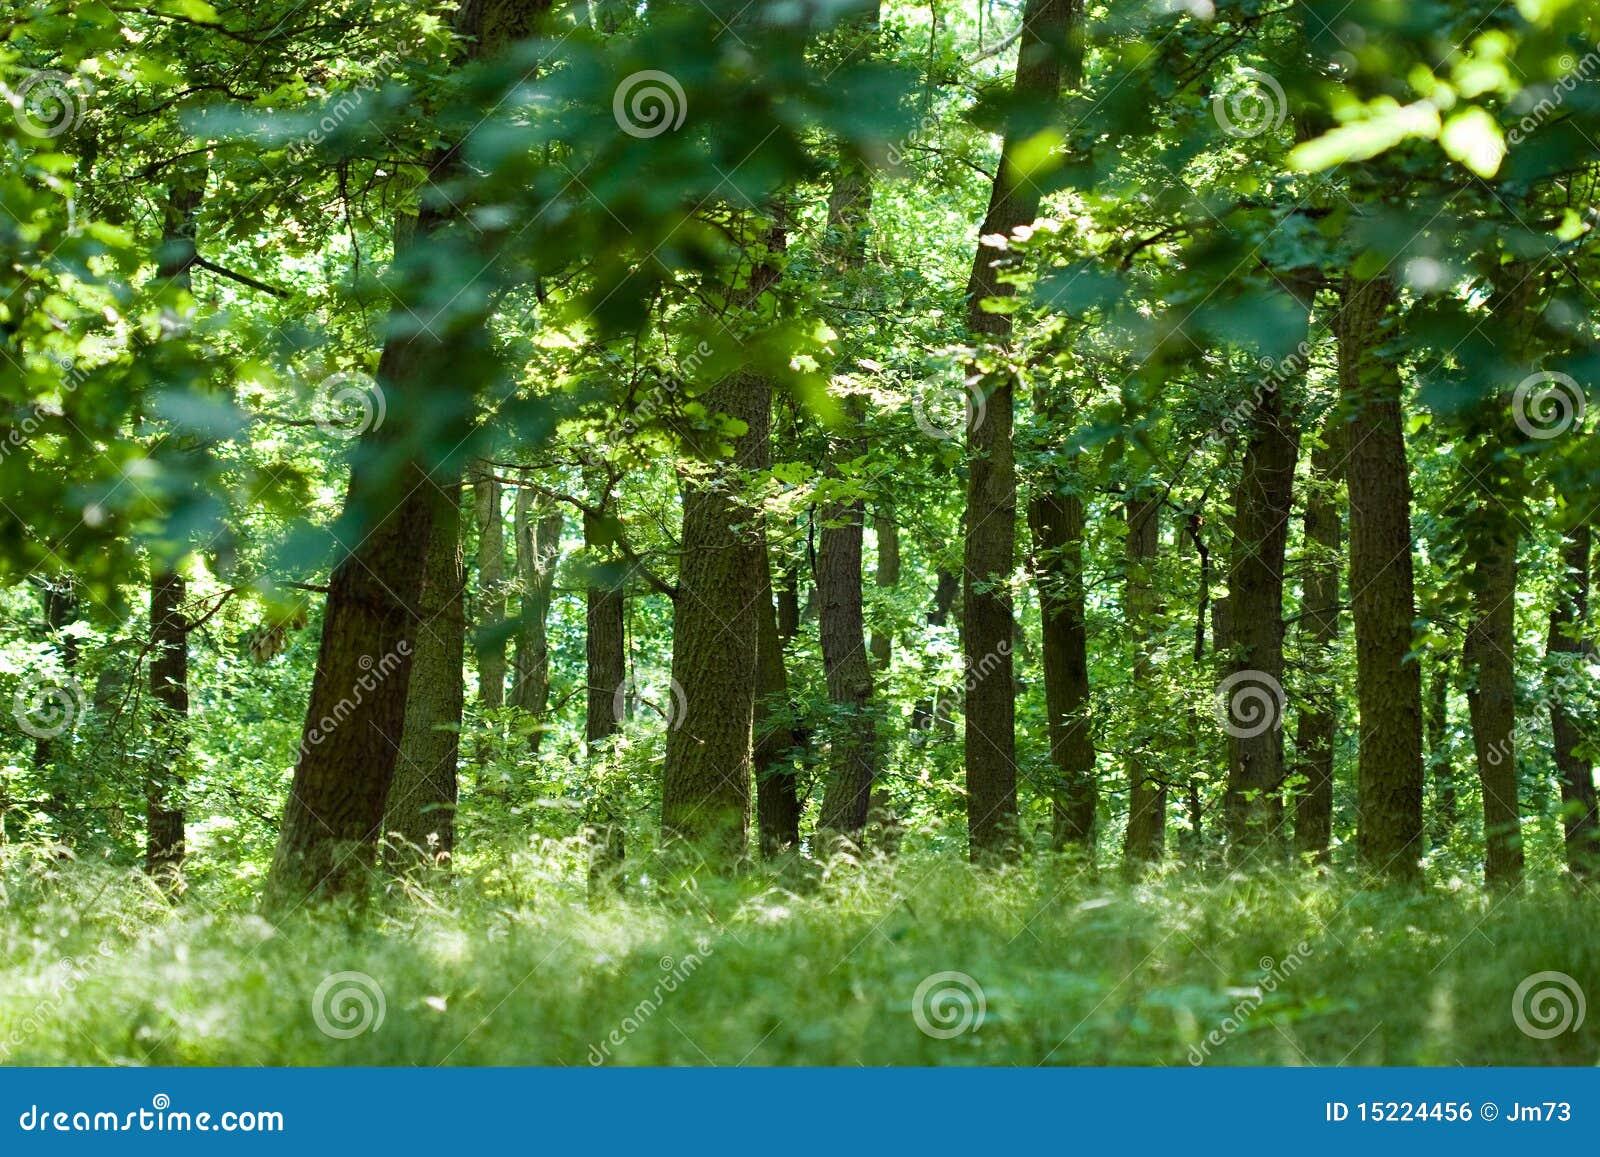 森林橡木夏天图片